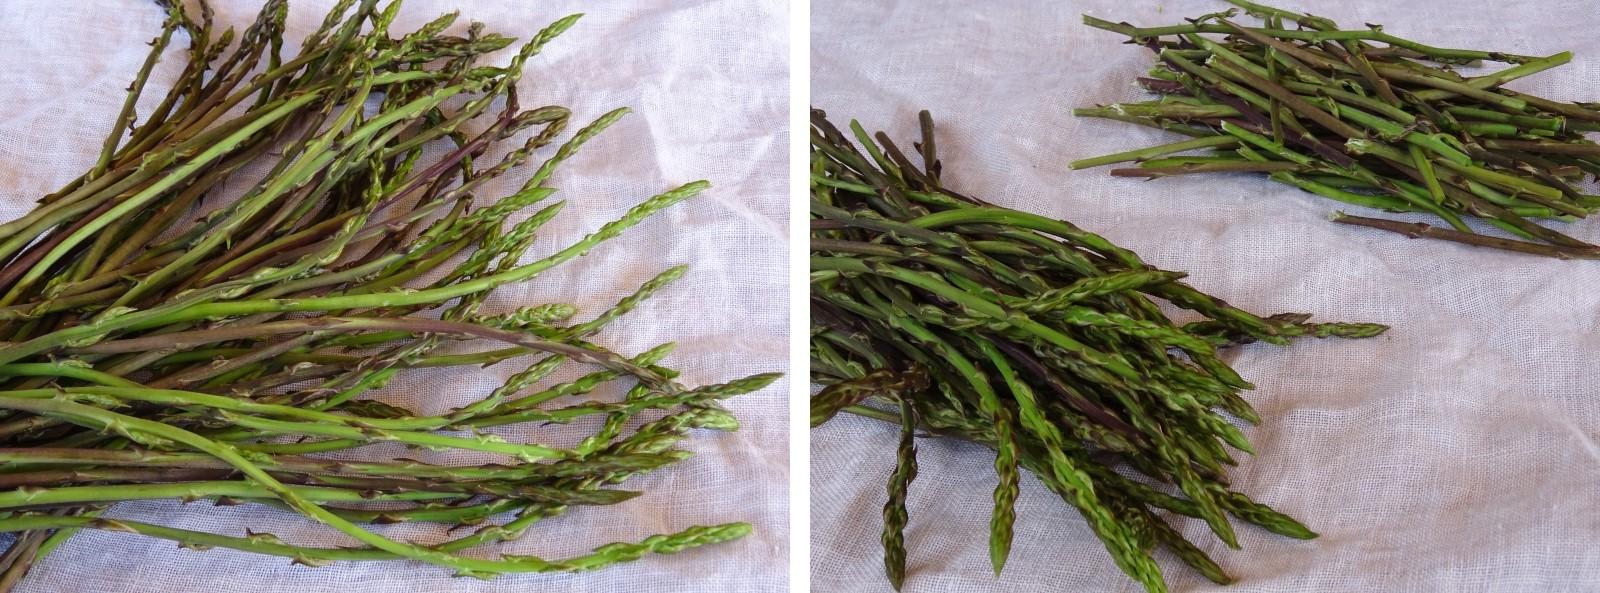 preparazione degli asparagi per i cannelloni ricotta e asparagi